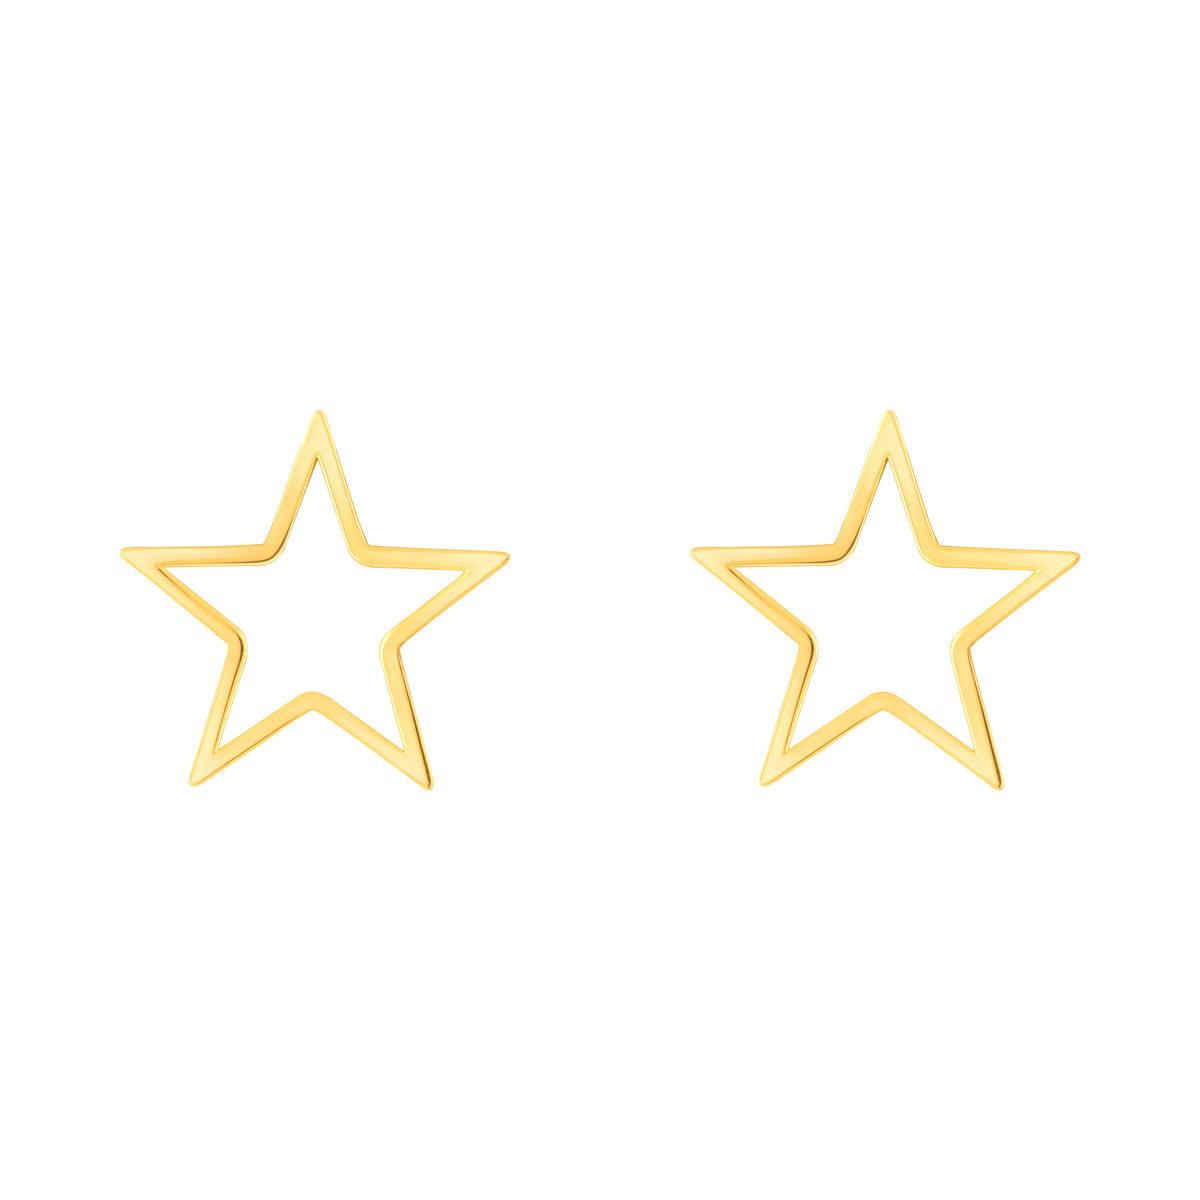 گوشواره طلا ستاره توخالی بزرگ